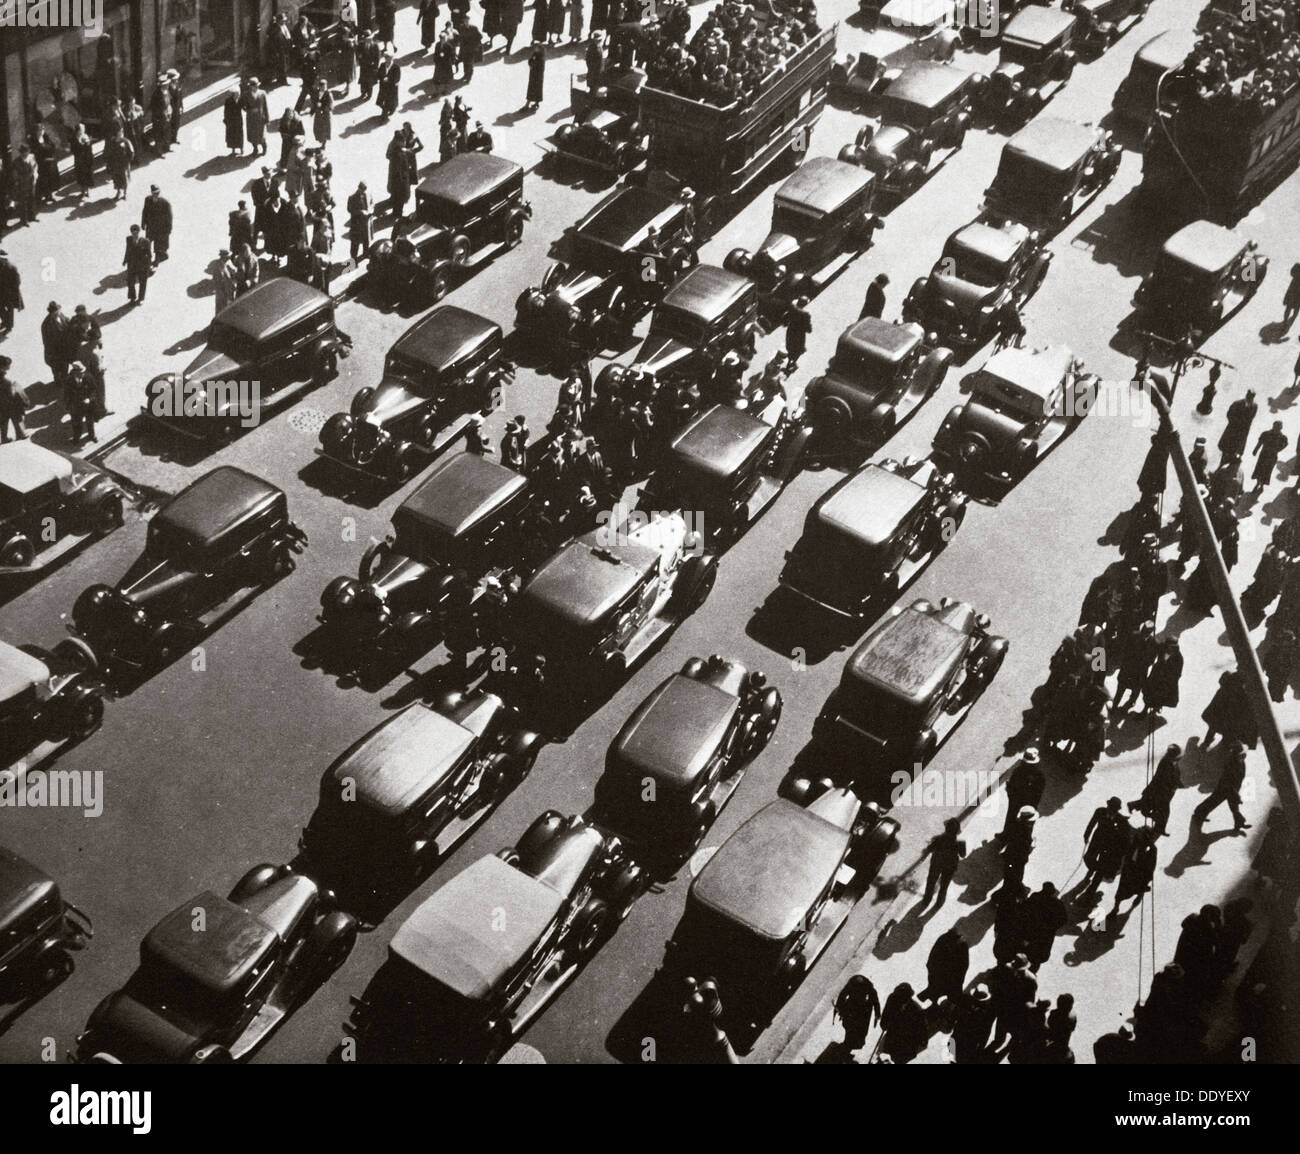 Inceppamento di traffico sulla Fifth Avenue a 49th Street, New York, Stati Uniti d'America, inizio 1929. Artista: sconosciuto Immagini Stock